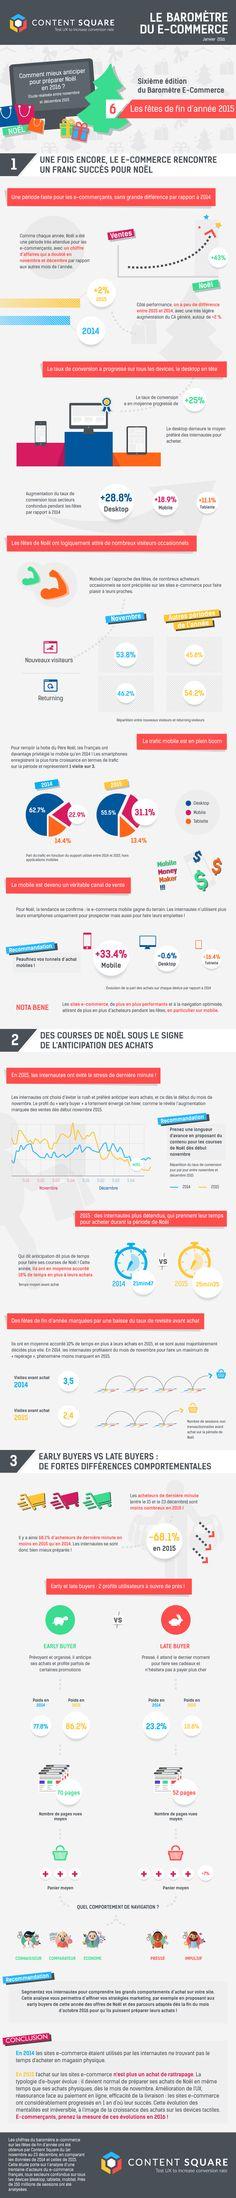 Quel a été le comportement des cyberacheteurs français en novembre et décembre 2015? Quand ont-ils fait leurs achats? Sur quels devices? Réponses avec Content Square.